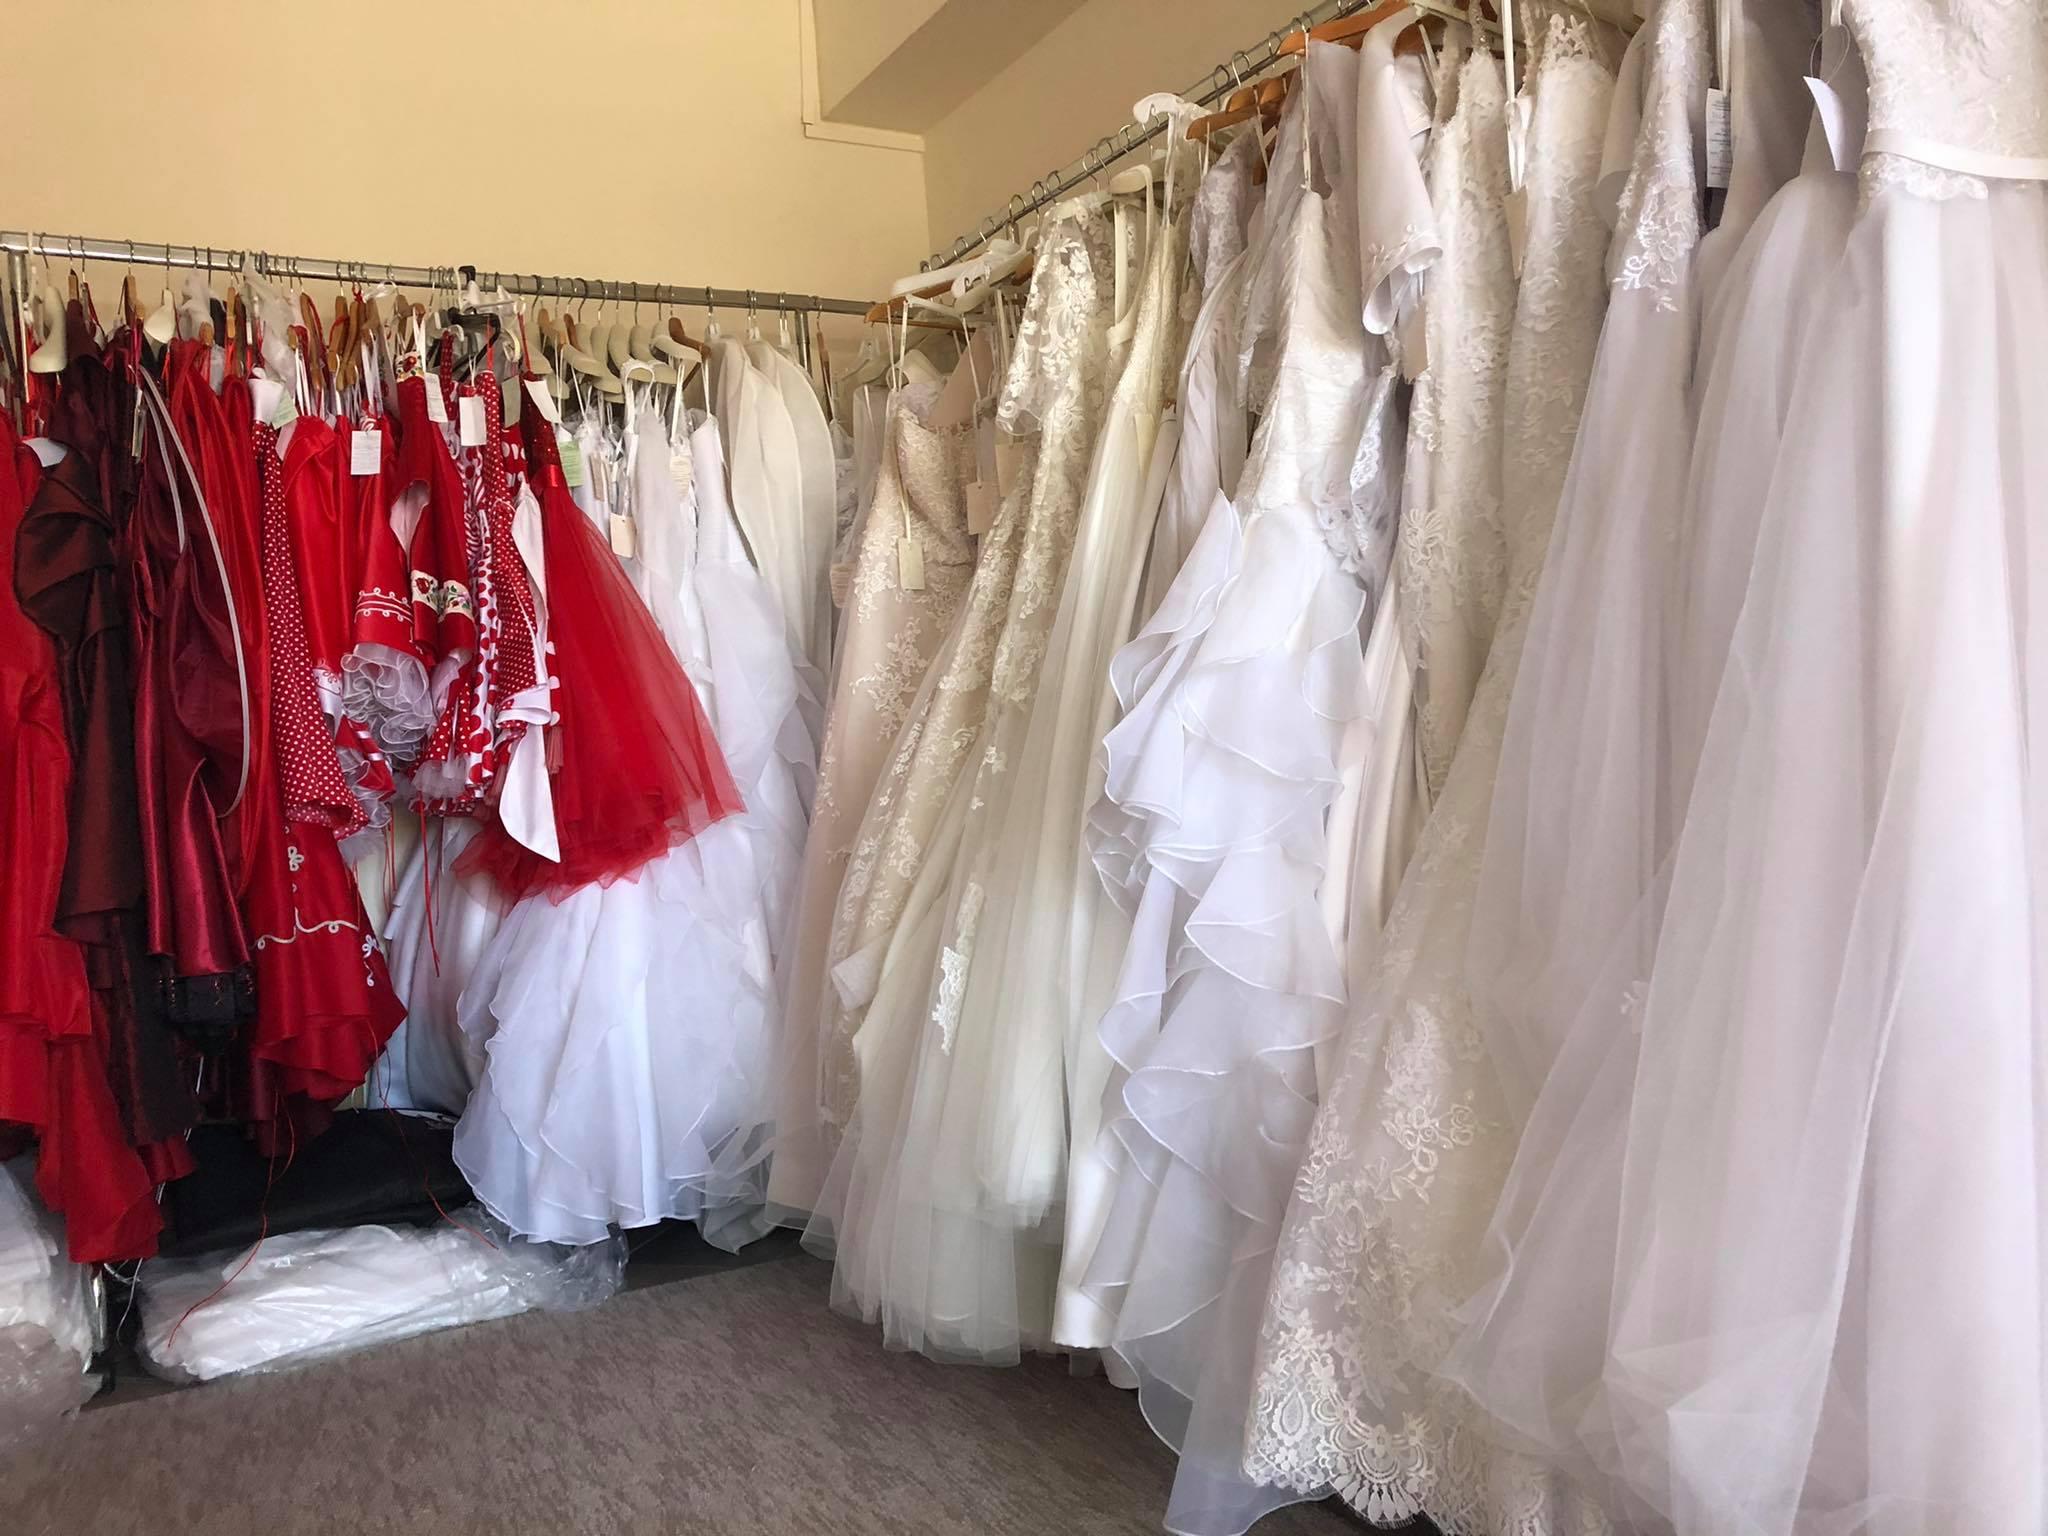 a8ddff3f68 Ha nálunk választ menyasszonyi ruhát, menyecskeruháját (legyen az modern,  vagy magyaros) 10%-os kedvezménnyel kölcsönözheti, vagy vásárolhatja.